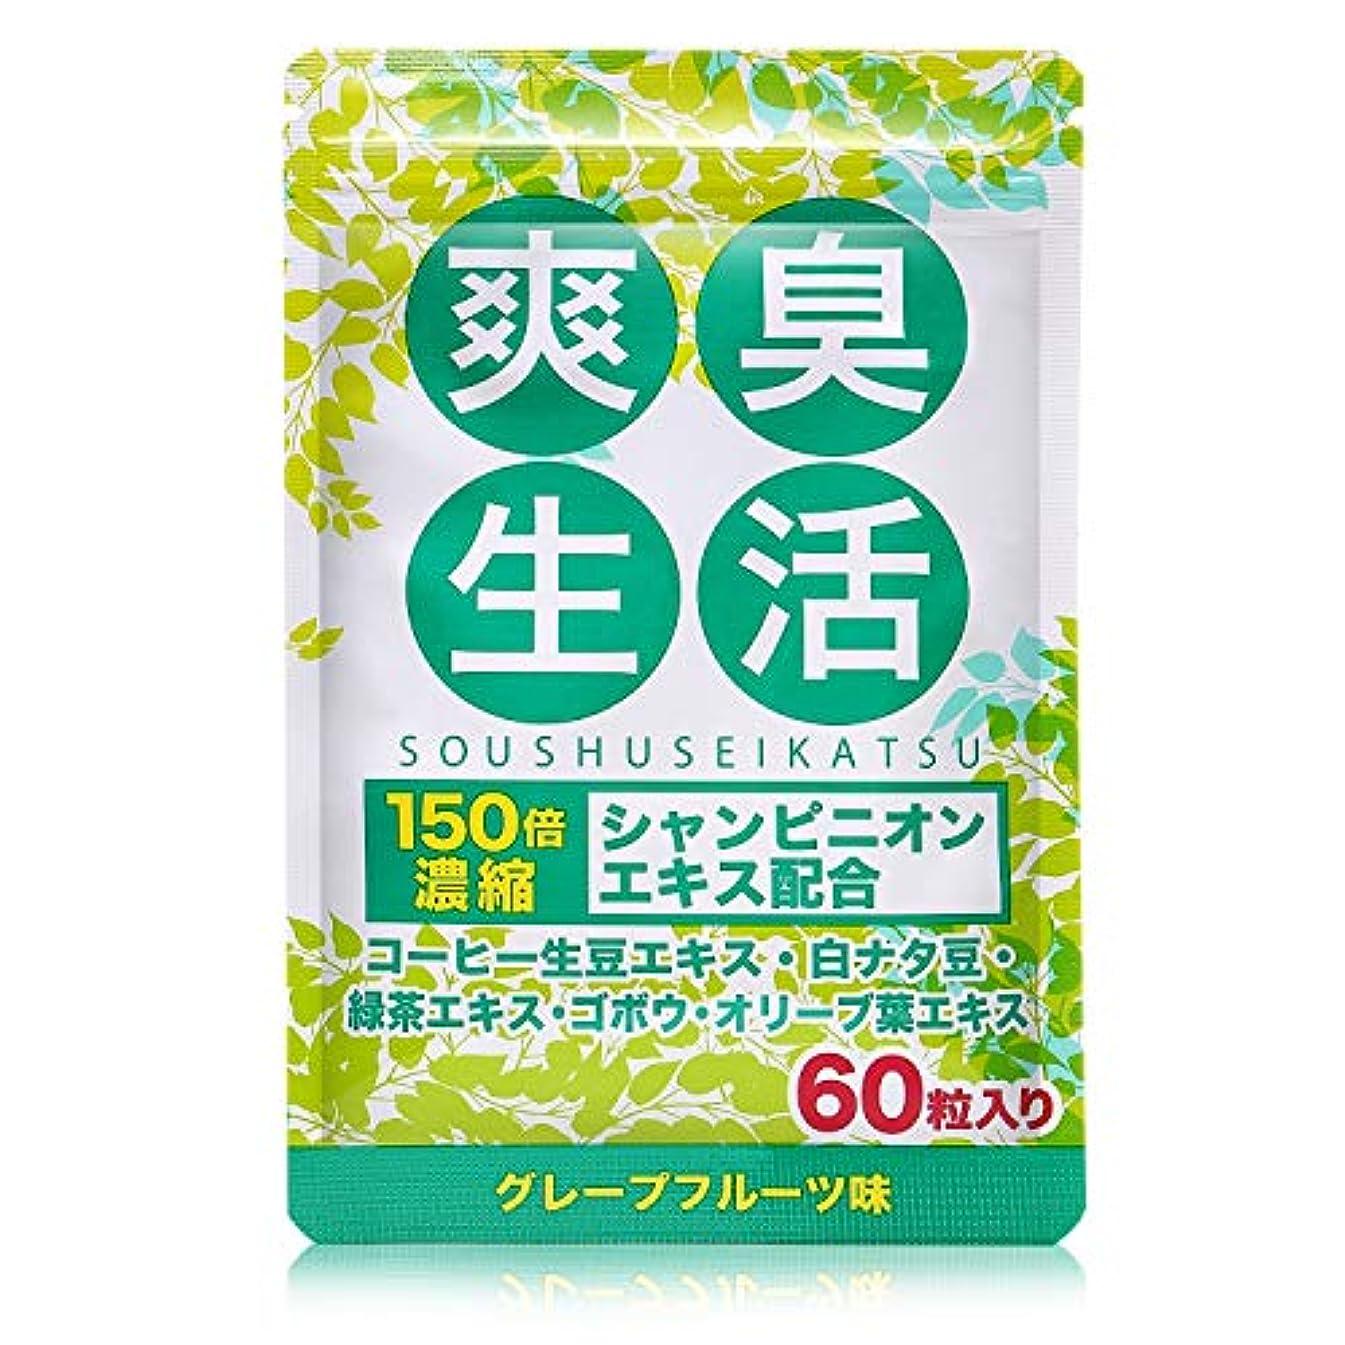 パパボス小道具爽臭生活 シャンピニオン コーヒー生豆エキス 配合 サプリメント 60粒30日分